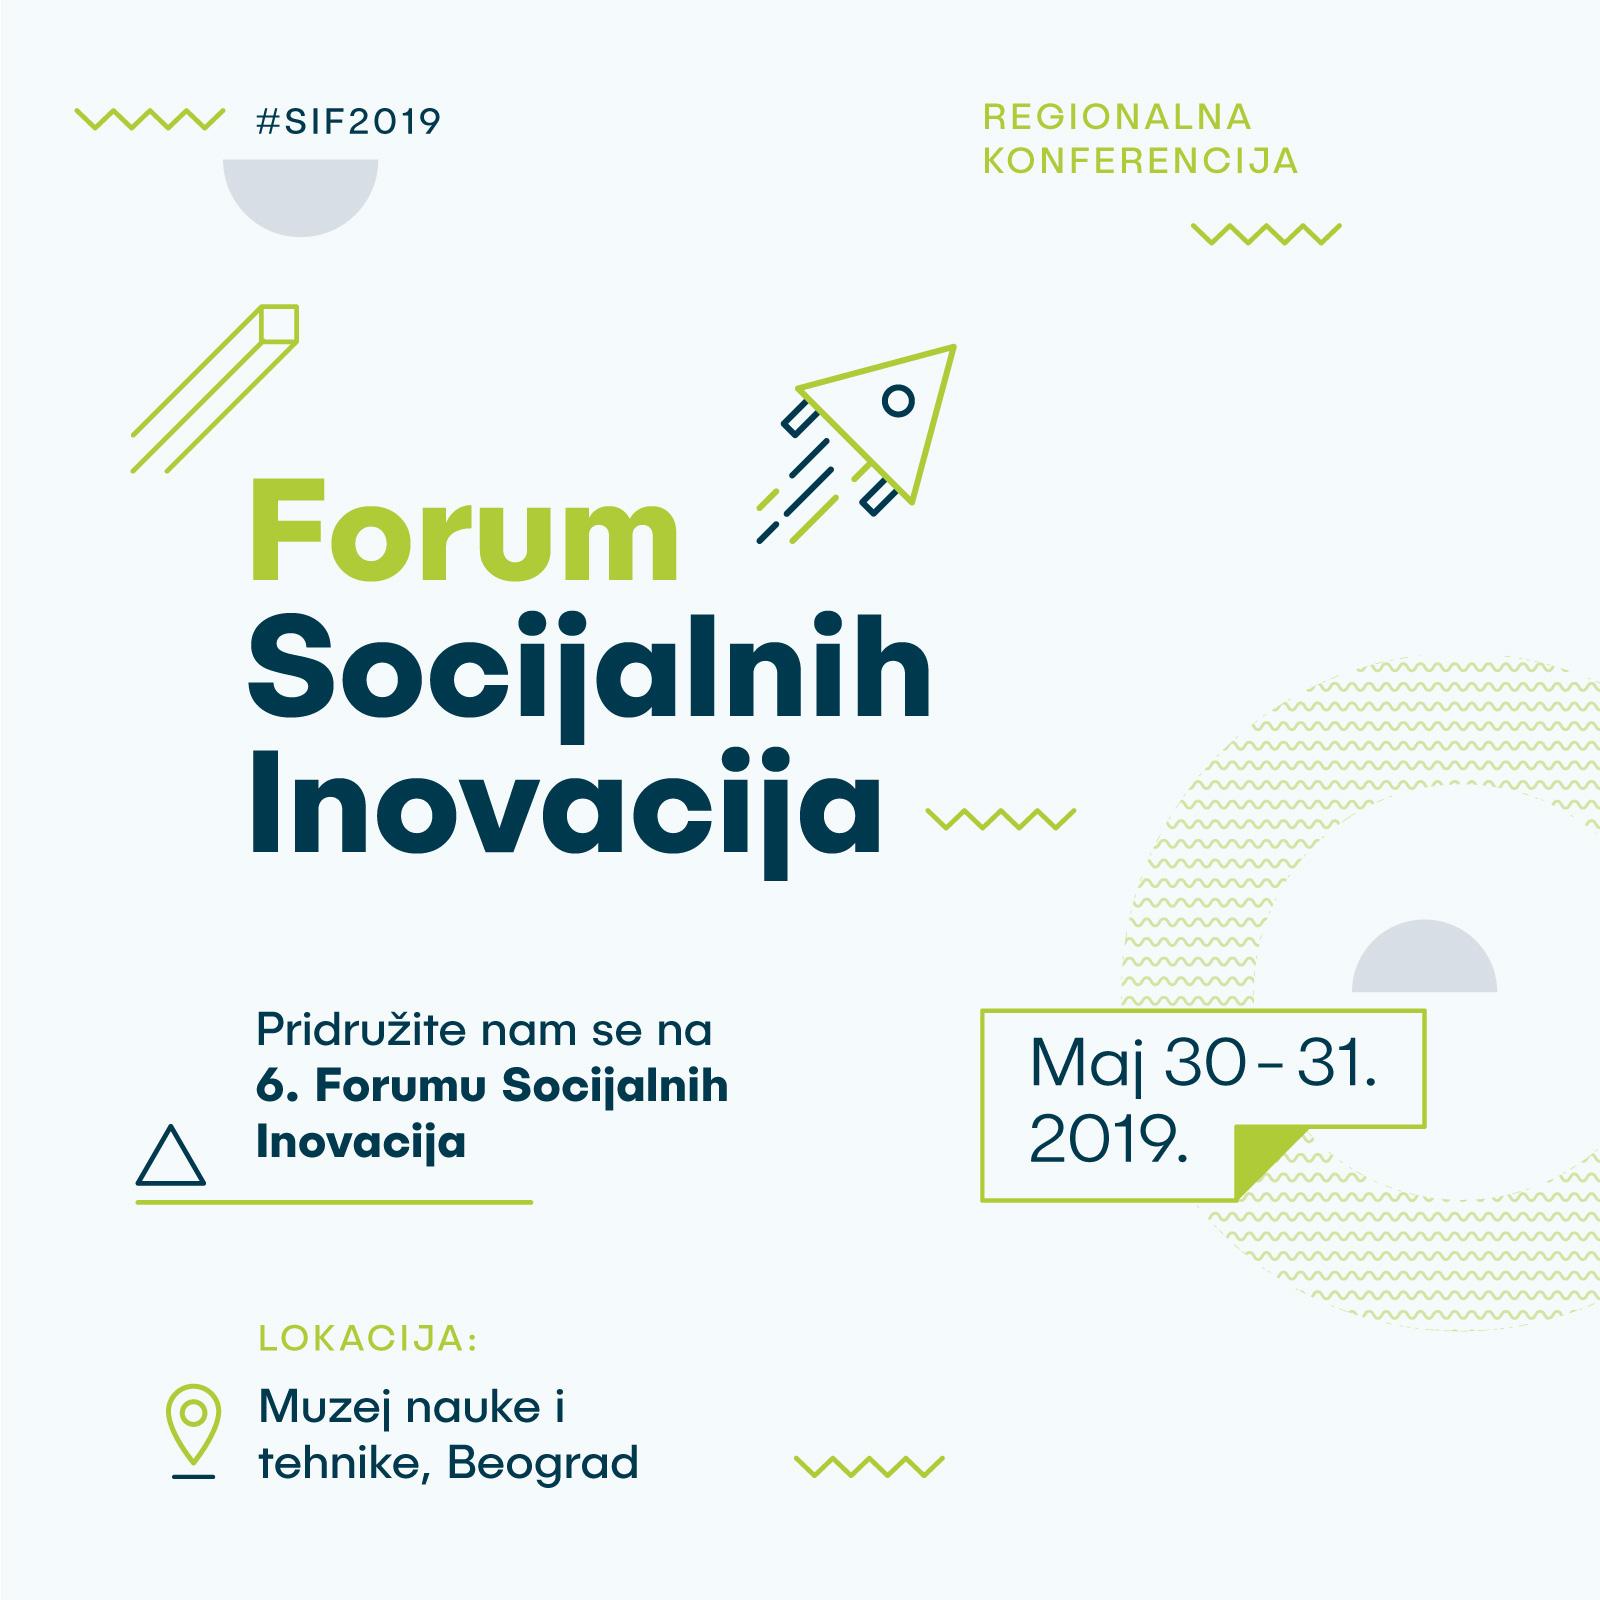 Otvorene prijave za učešće – pridružite nam se na Forumu socijalnih inovacija 2019!